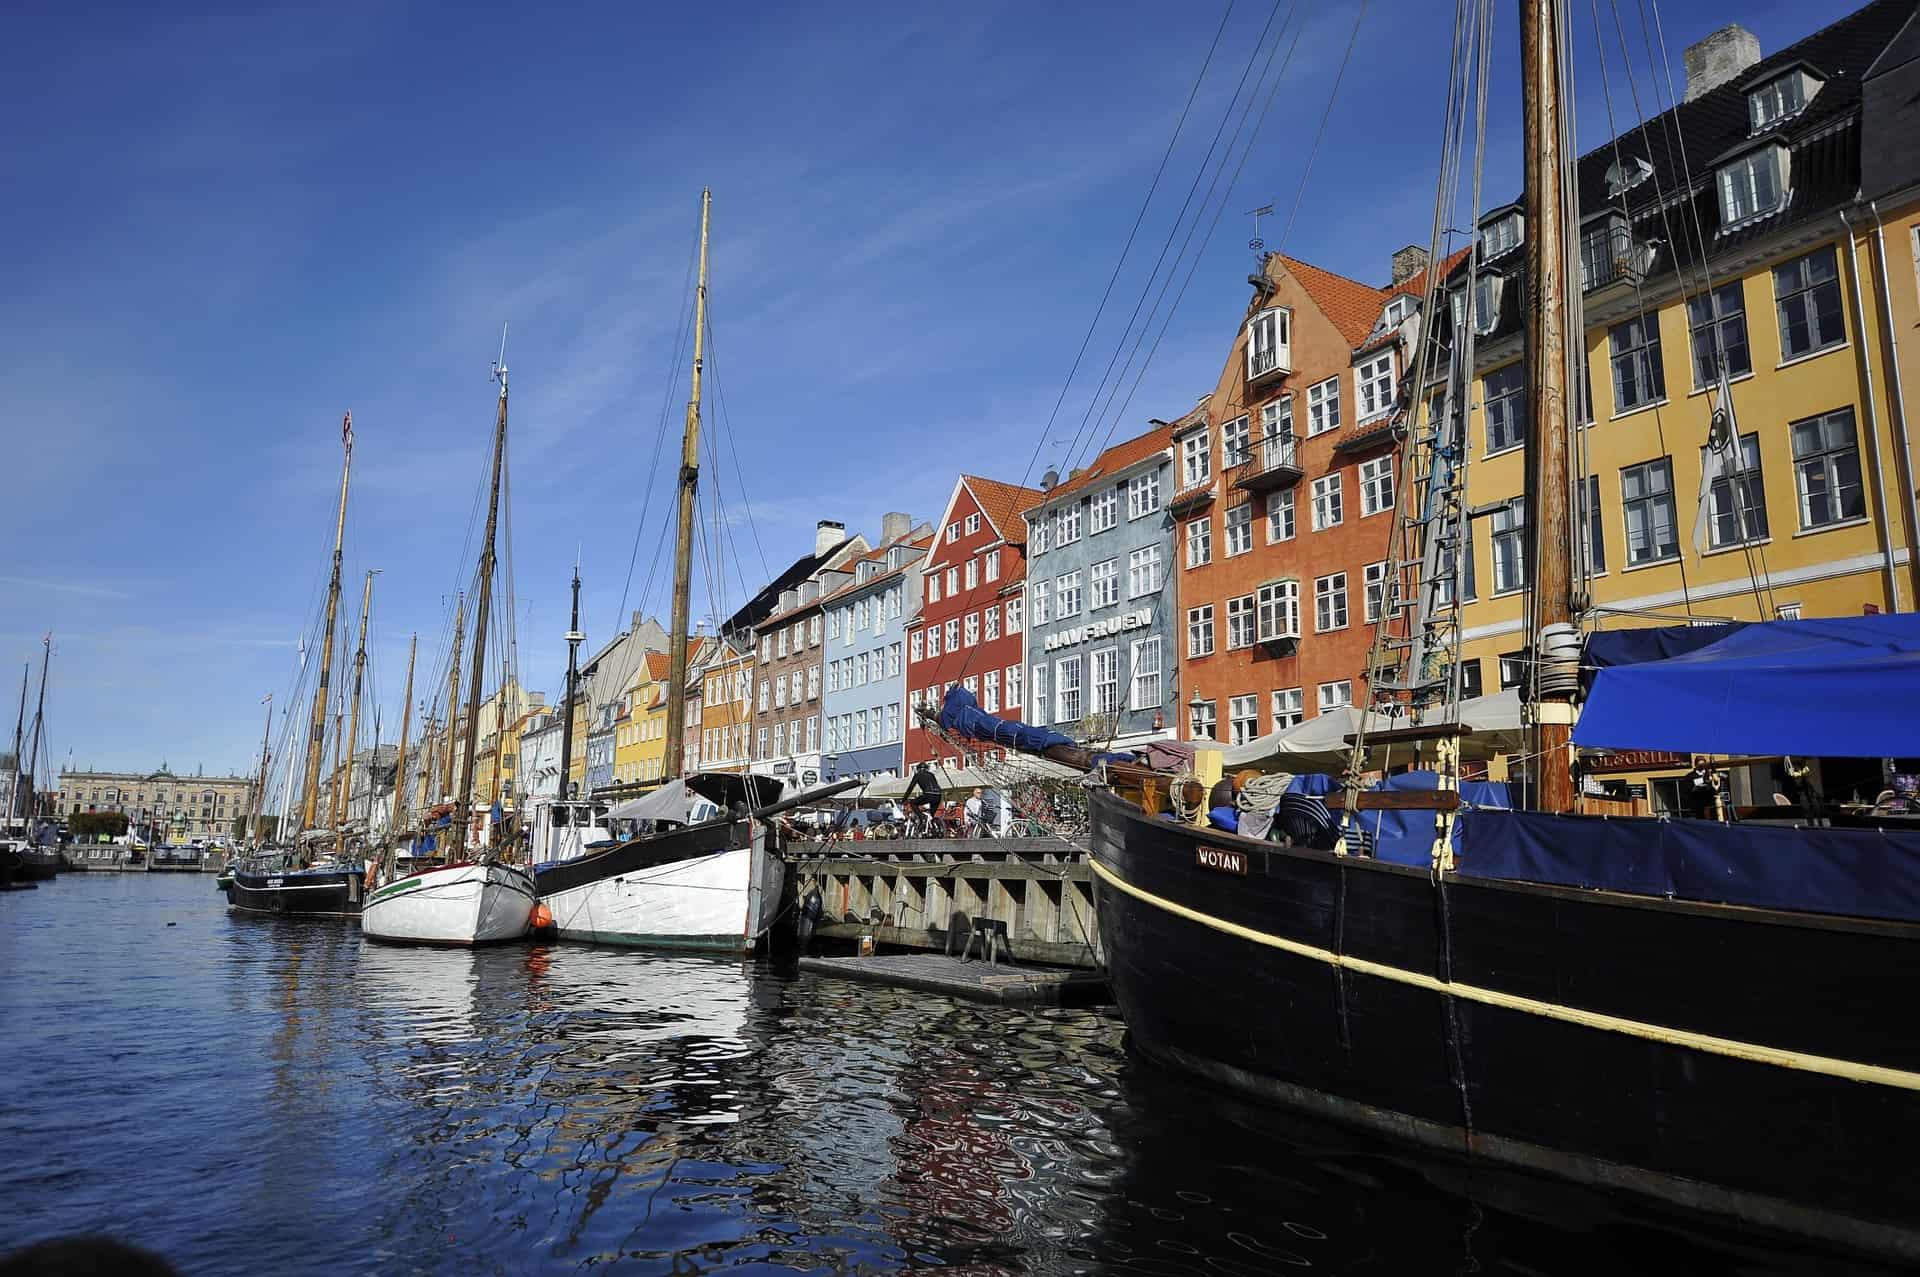 Einer der saubersten Häfen Europas findet man in Dänemarks Hauptsadt